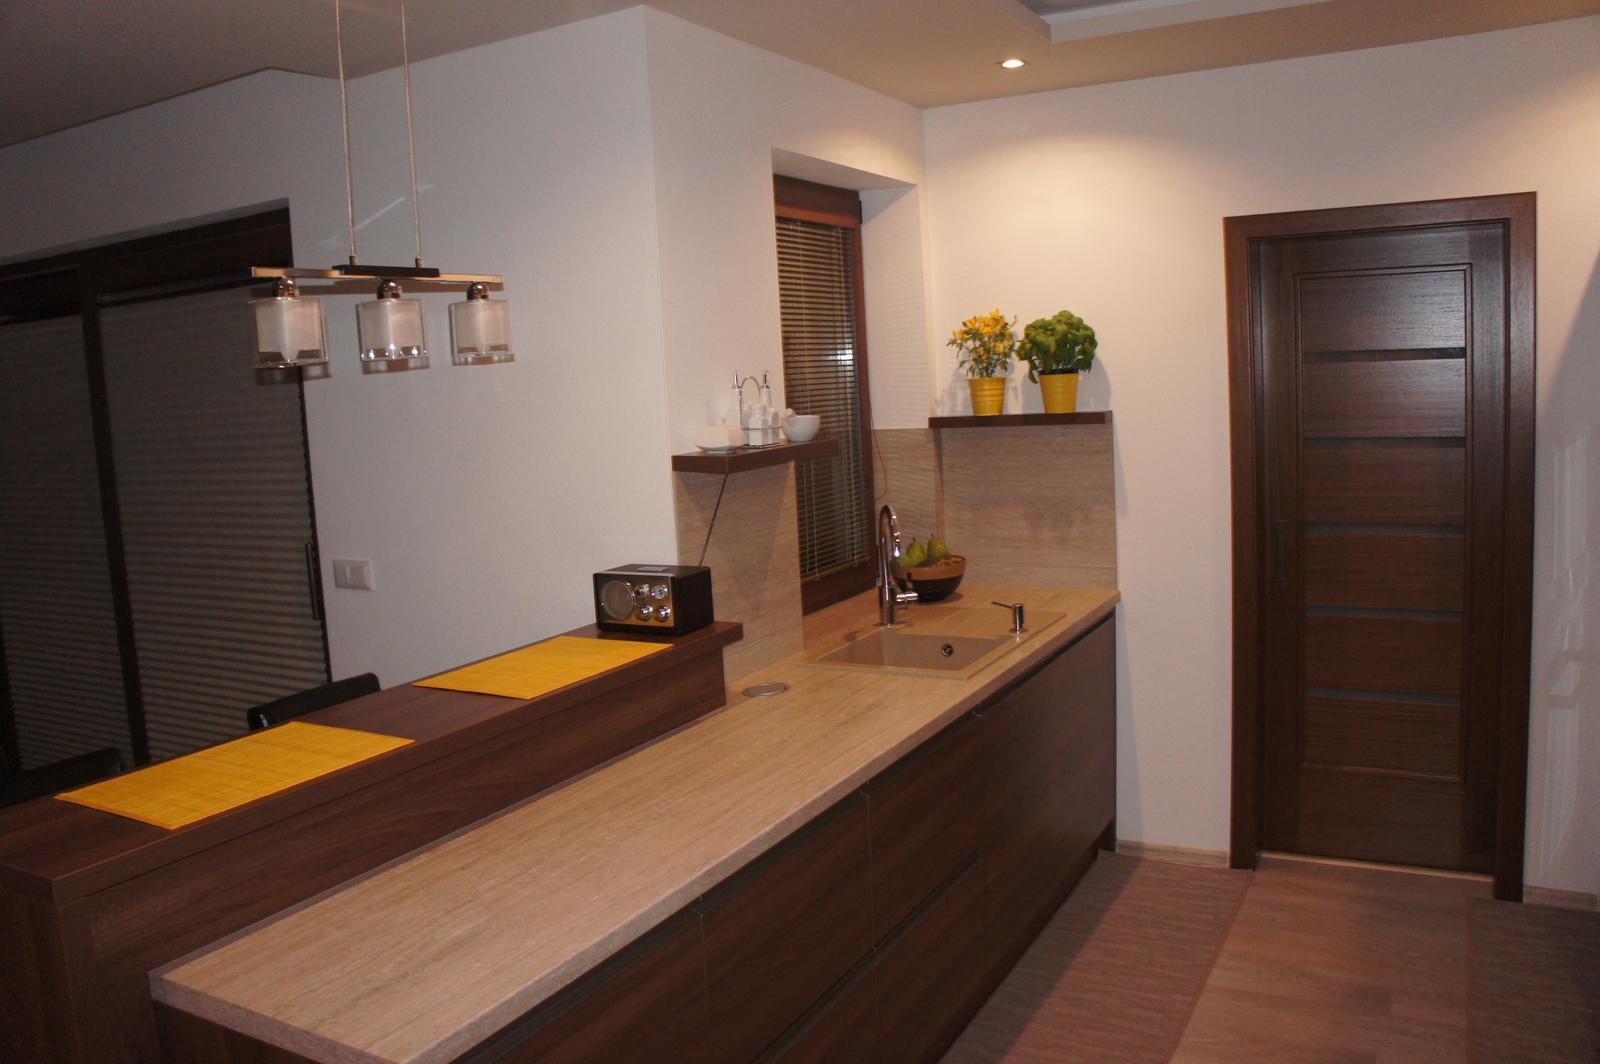 Naše bývanie :-) - moja vysnívana kuchyňa plus v tých dverách zásuvných špajza... hneď po ruke :-)